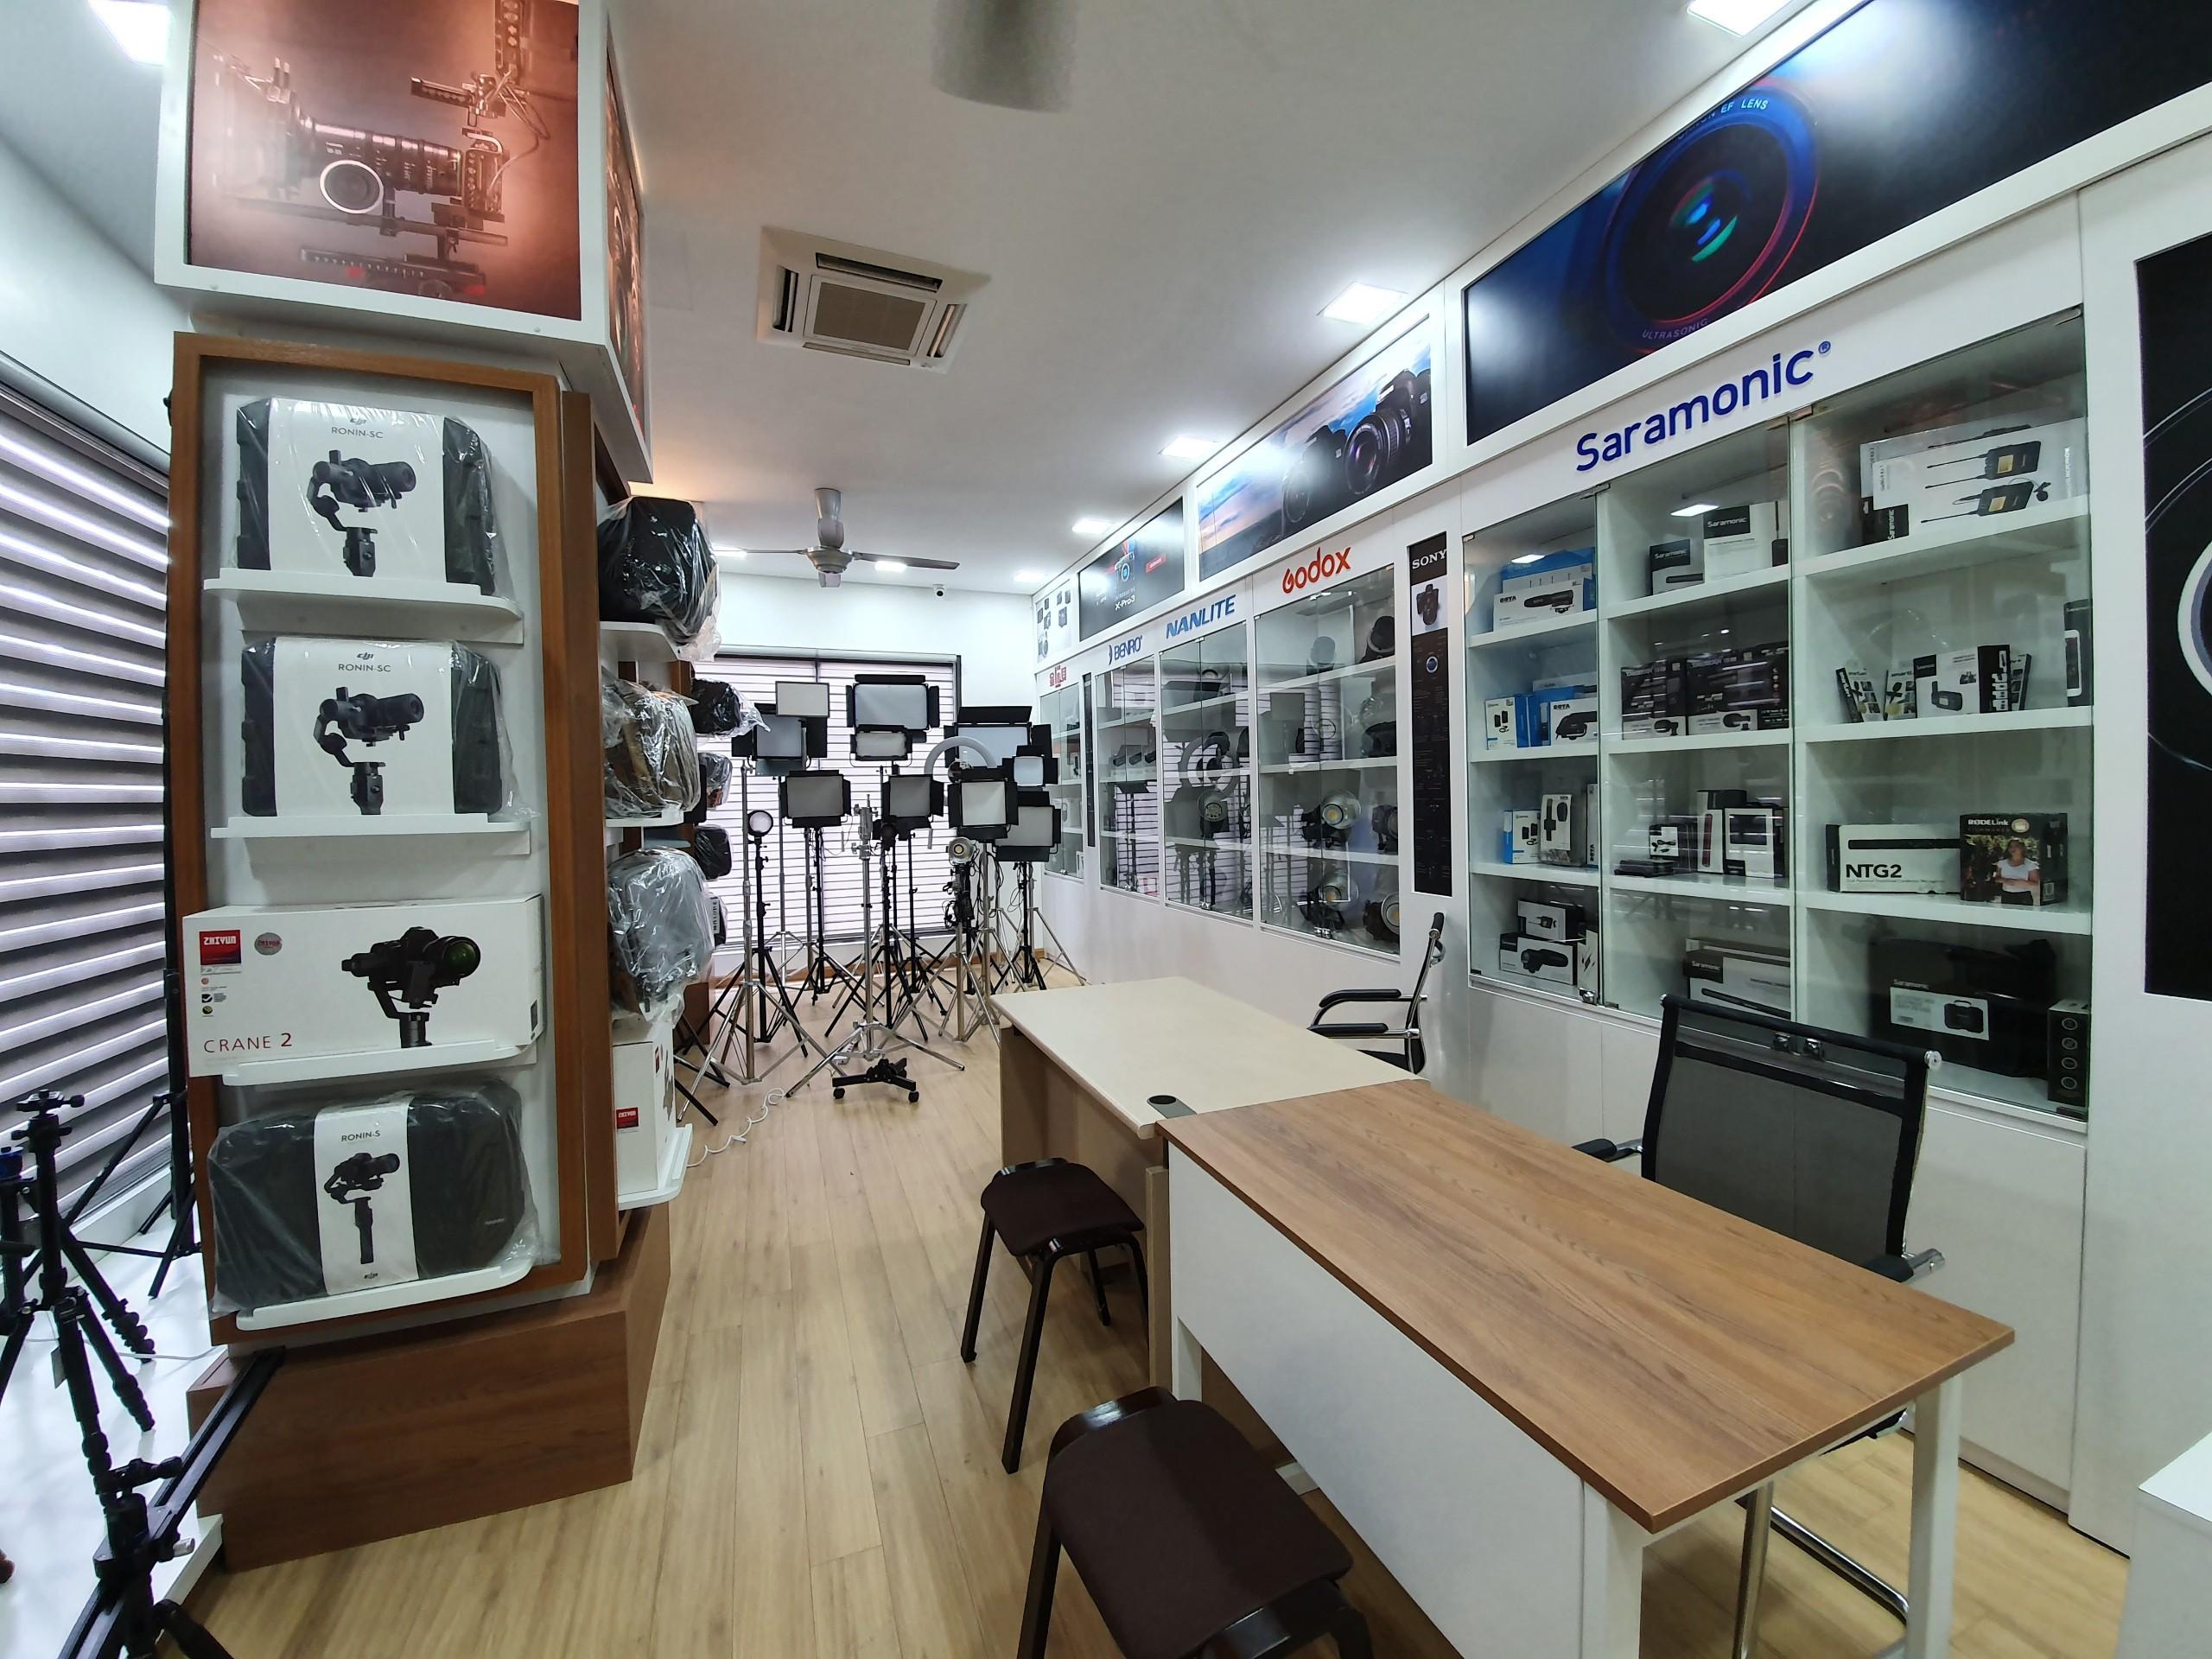 Những trang thiết bị hiện đại cho phòng livestream